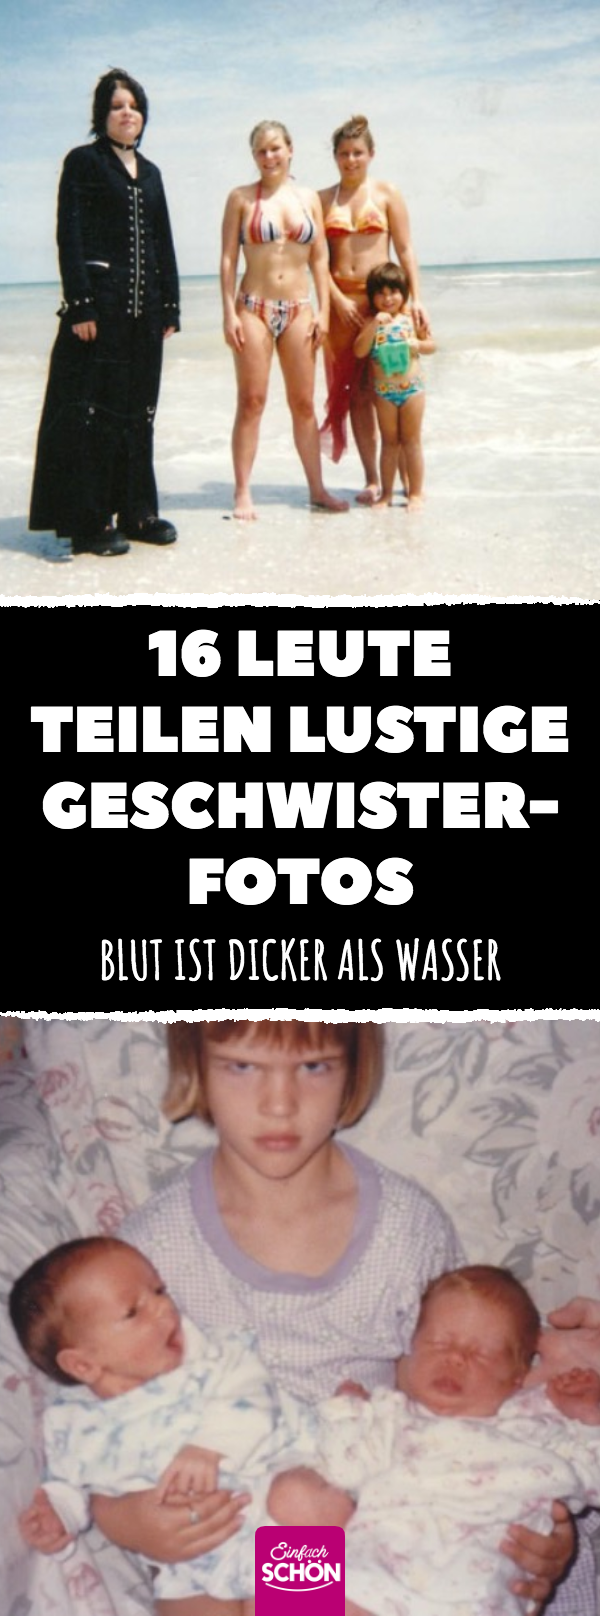 16 Leute Teilen Lustige Geschwister Fotos Blut Ist Dicker